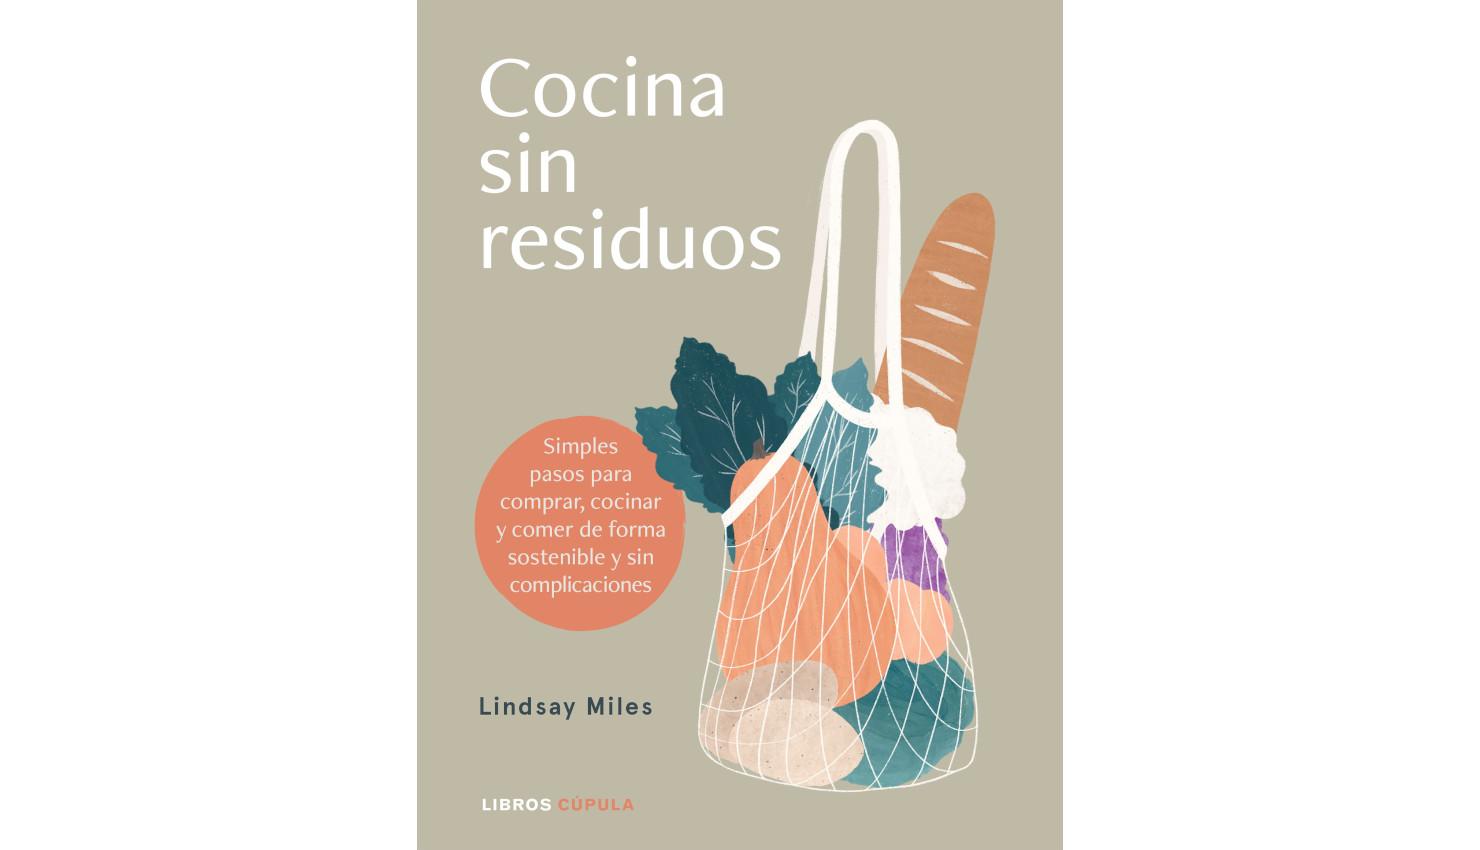 cocinasinresiduos-linsdaymiles-magazinehorse